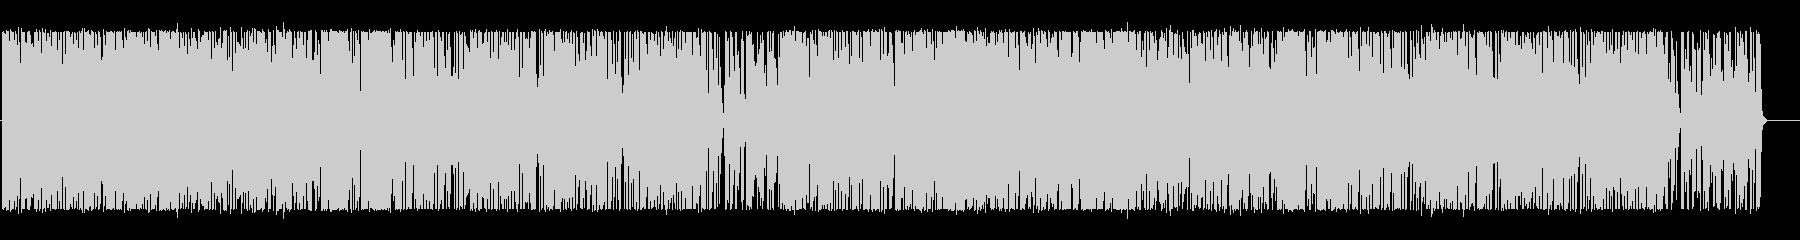 軽快で楽しくポップなBGMの未再生の波形